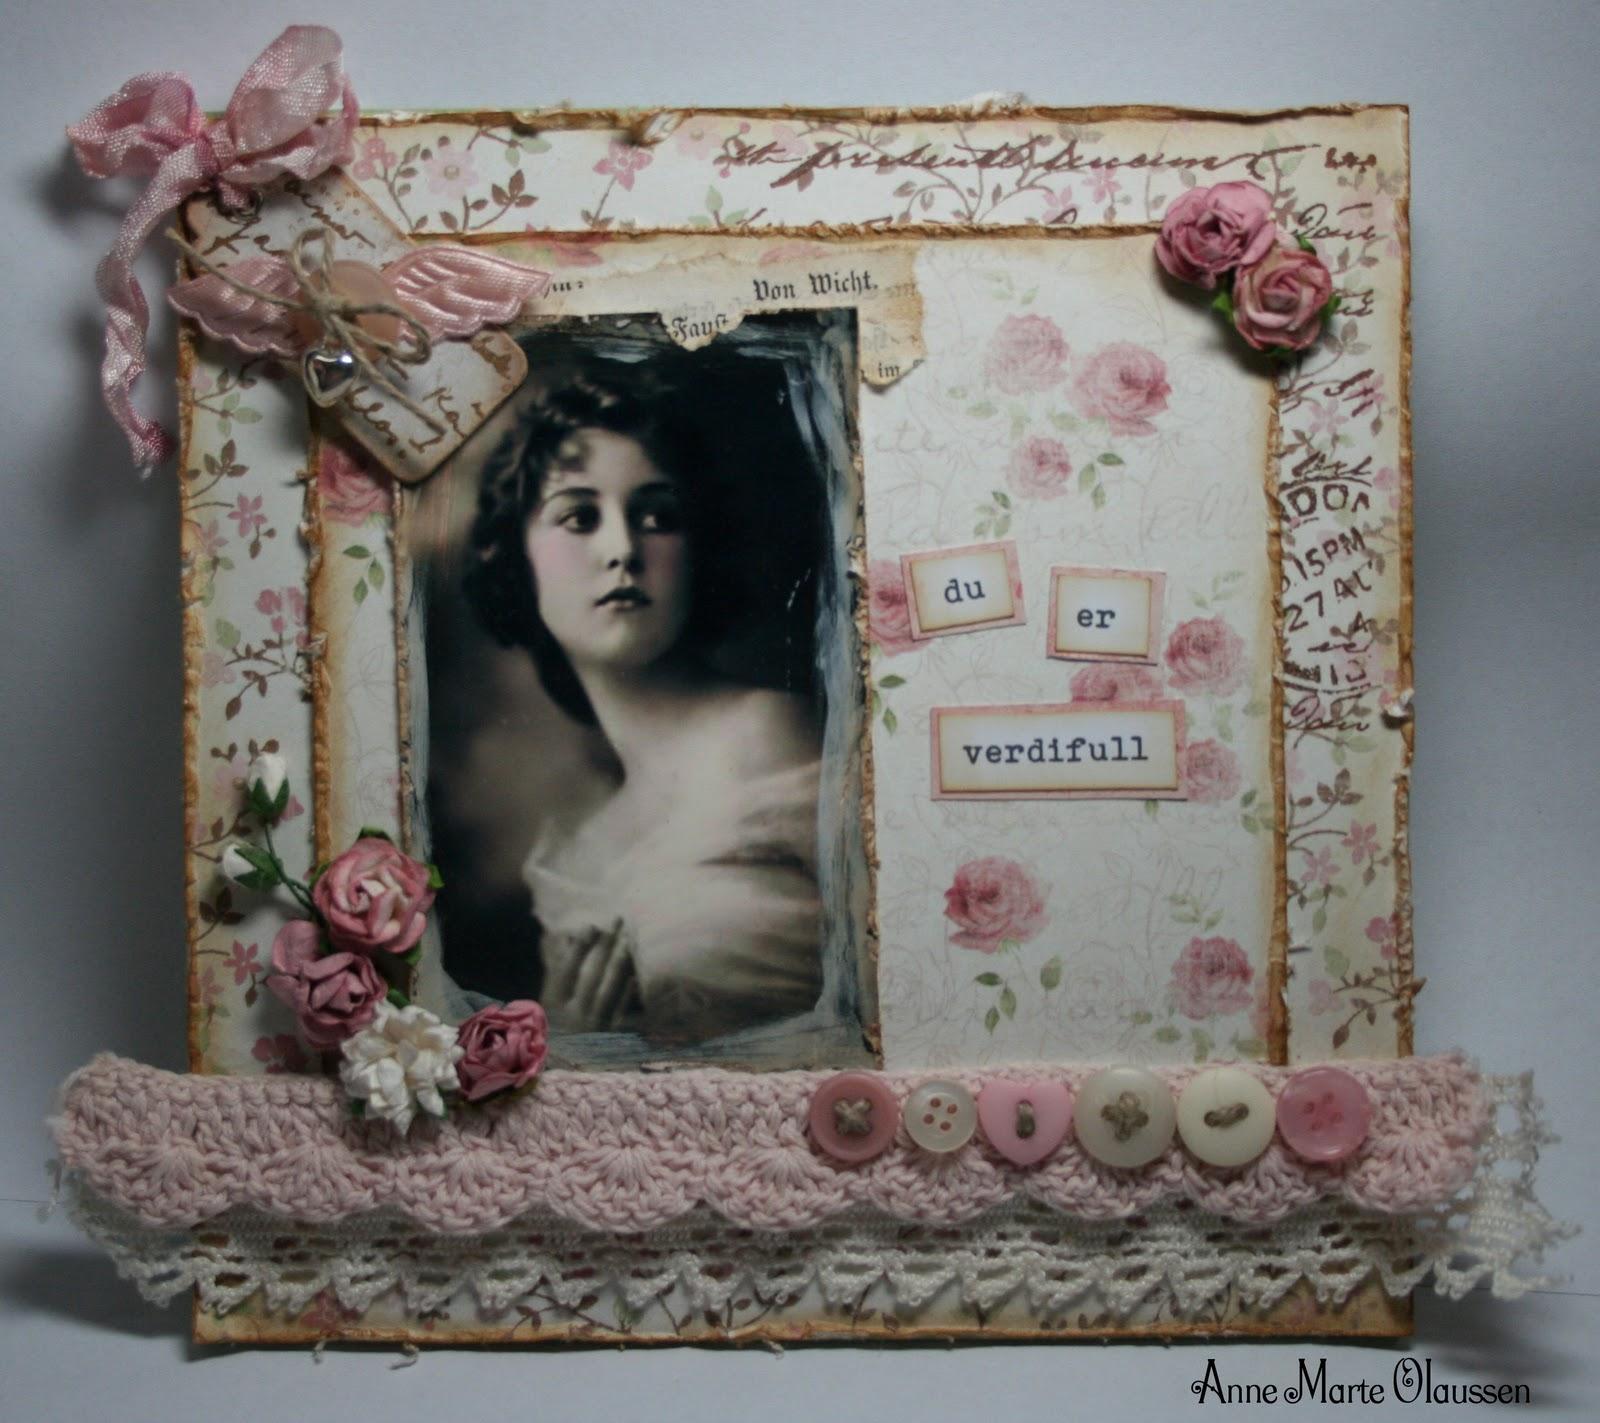 http://4.bp.blogspot.com/-Nosy3WnarjI/TWFJGTOeKKI/AAAAAAAADJE/U05PLtj0dmg/s1600/13.JPG